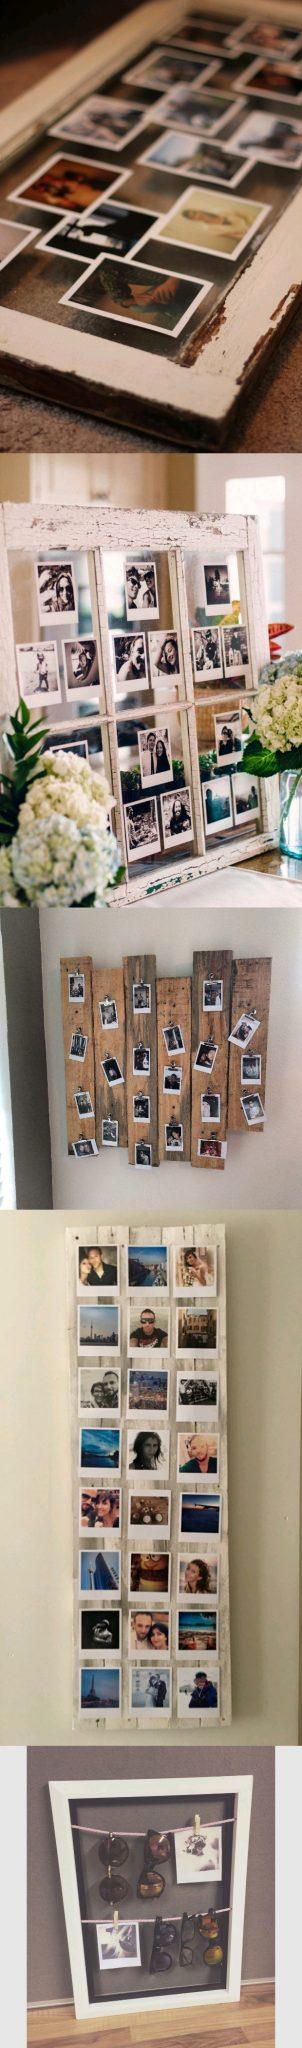 polaroid vintage frame